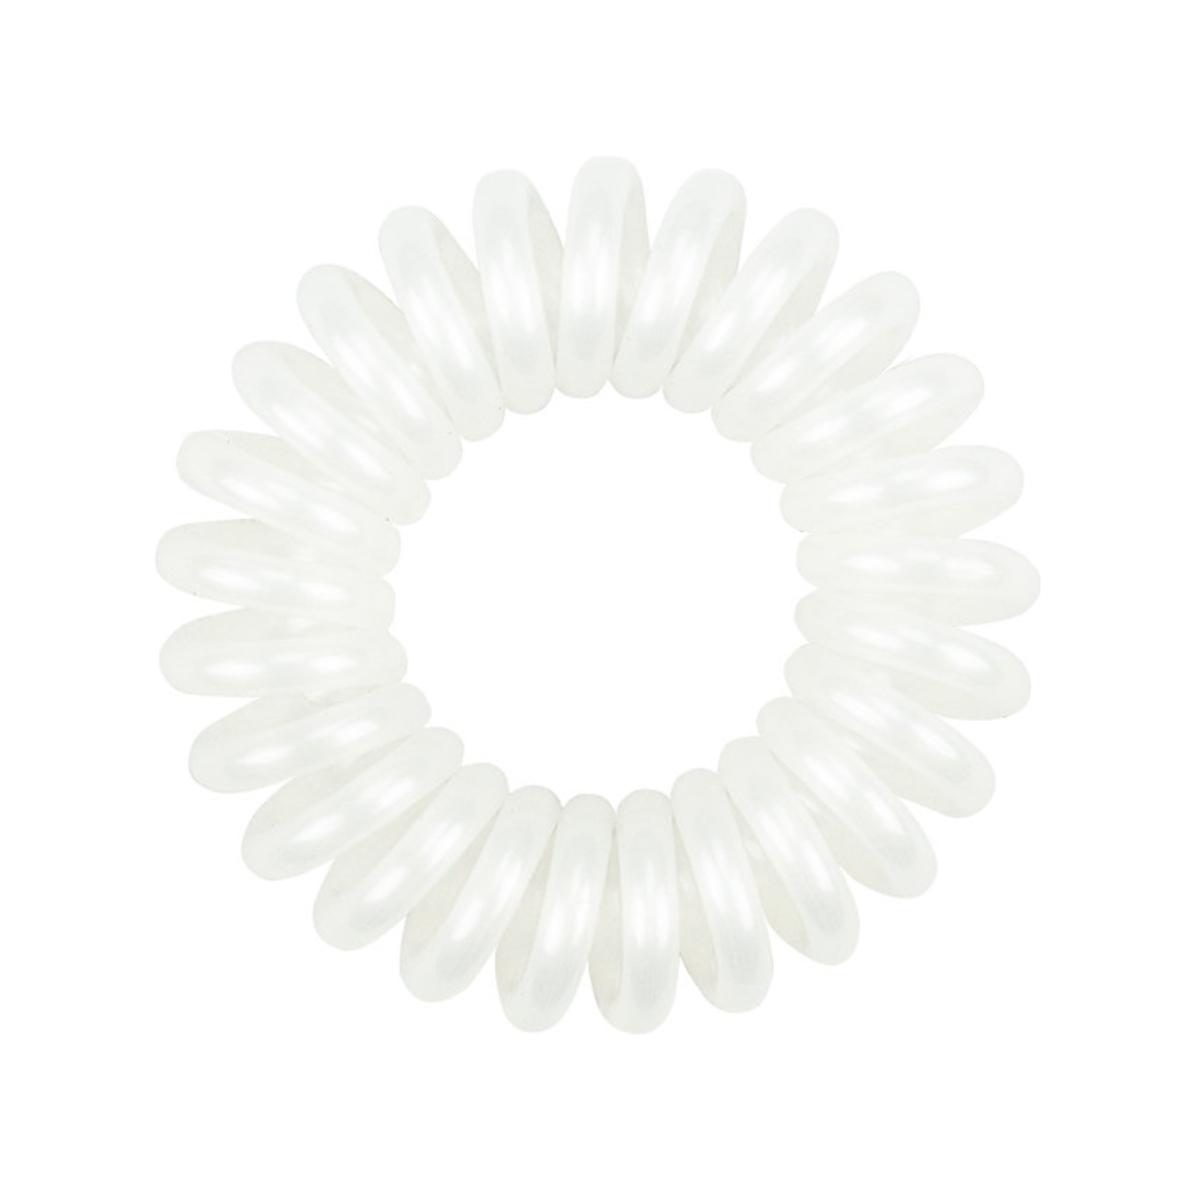 Spiral_White1